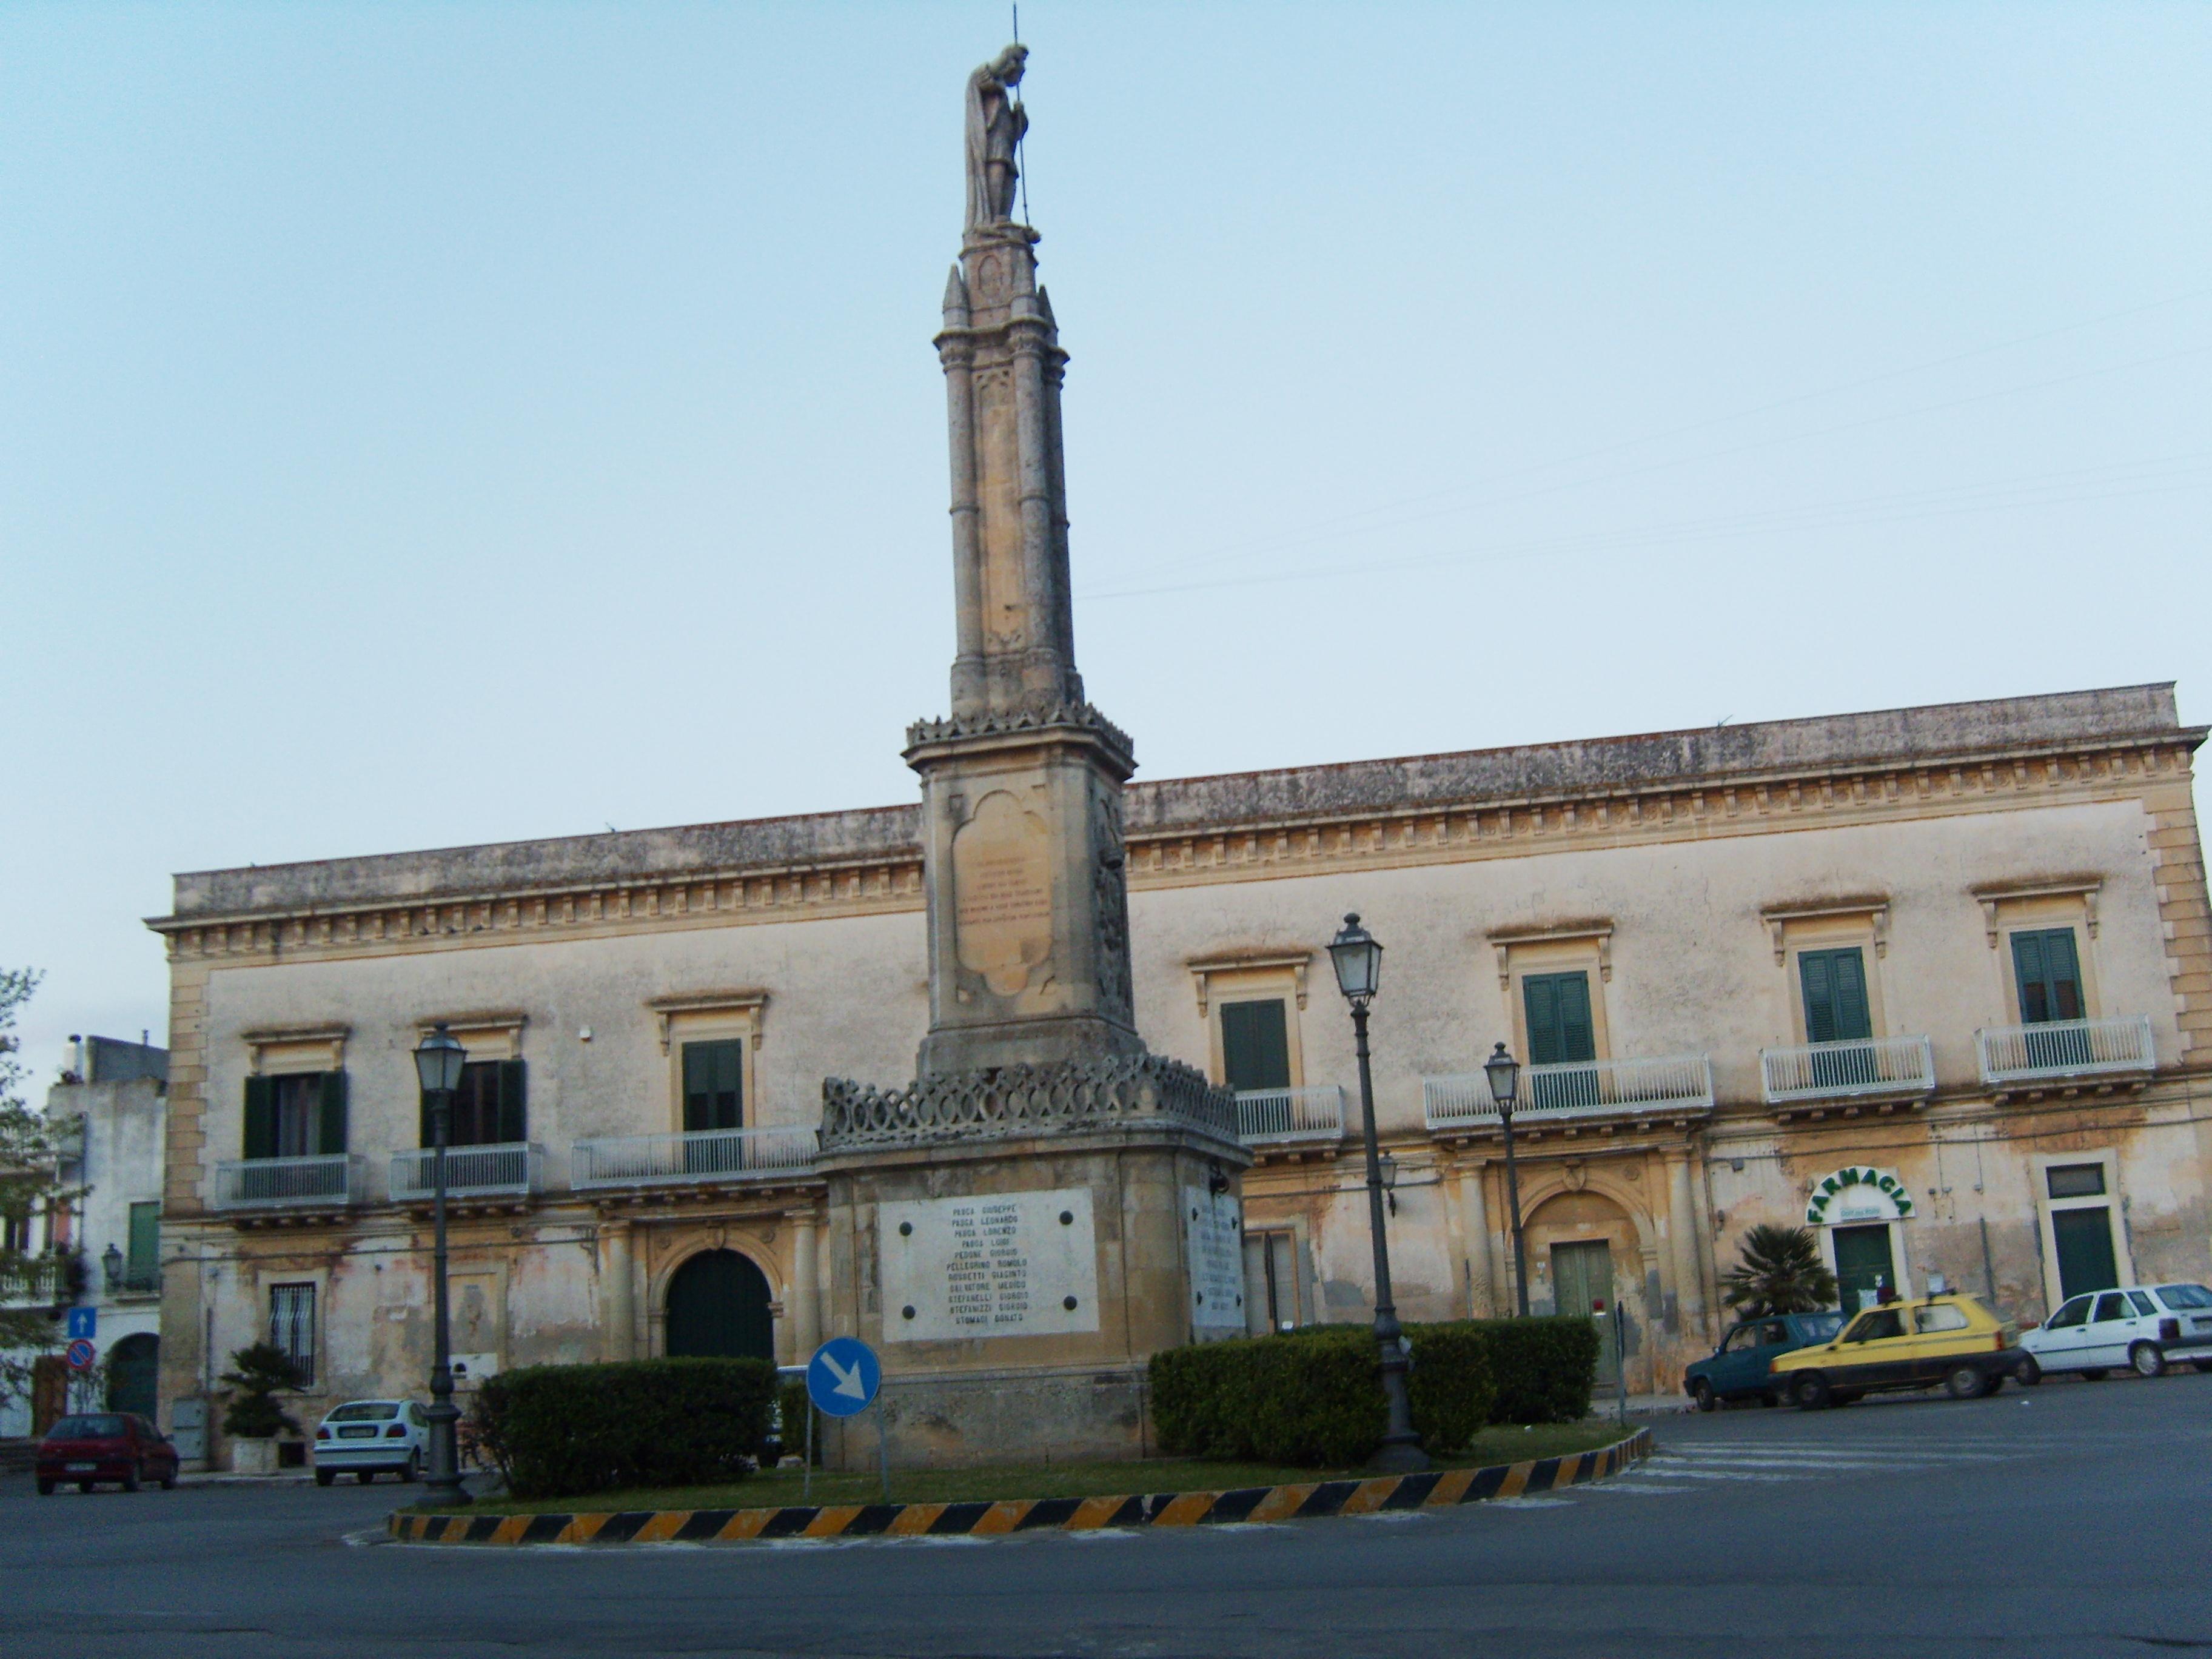 Foto Bagnolo Del Salento : File bagnolo del salento piazza g wikimedia commons